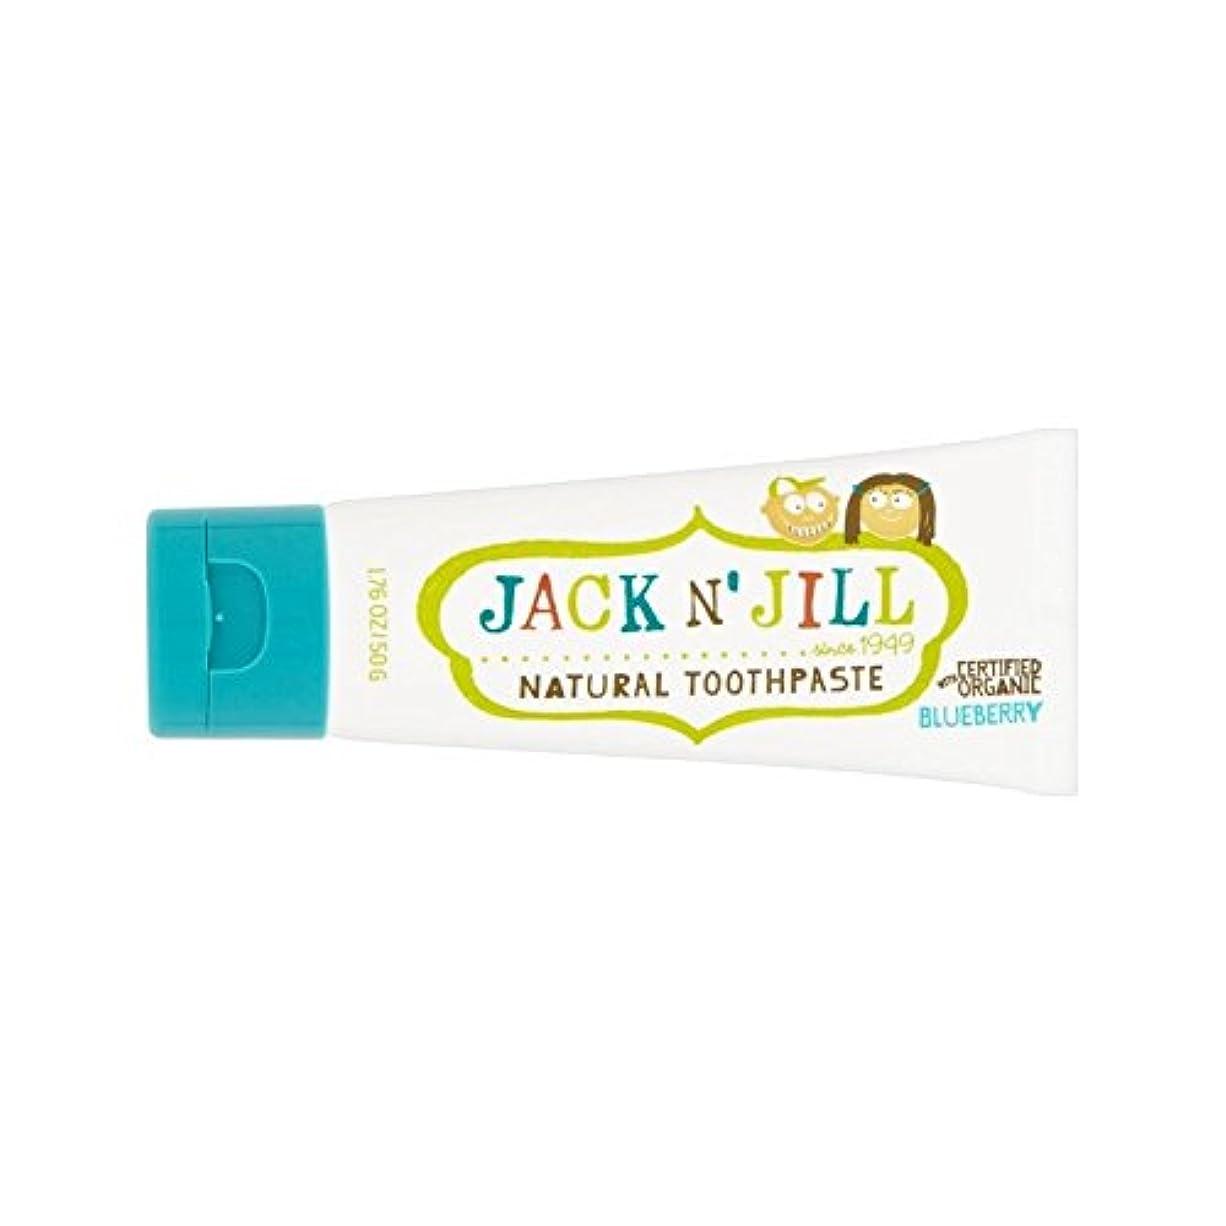 病んでいるシャーゾーン有機香味50グラムとの自然なブルーベリー歯磨き粉 (Jack N Jill) (x 4) - Jack N' Jill Blueberry Toothpaste Natural with Organic Flavouring 50g (Pack of 4) [並行輸入品]